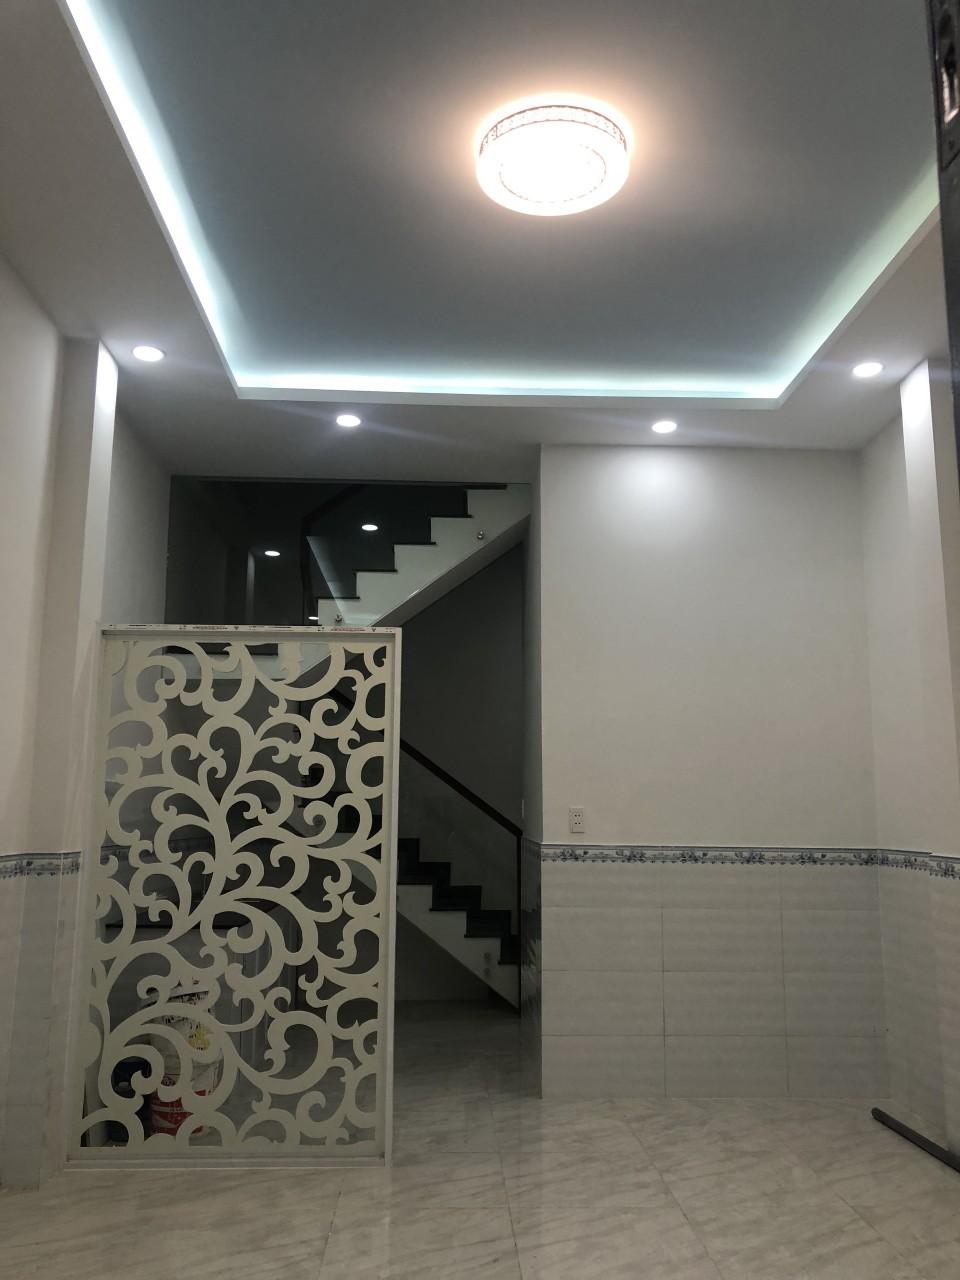 Bán nhà hẻm 80 Gò Dầu phường Tân Quý quận Tân Phú. Dt 4x8m